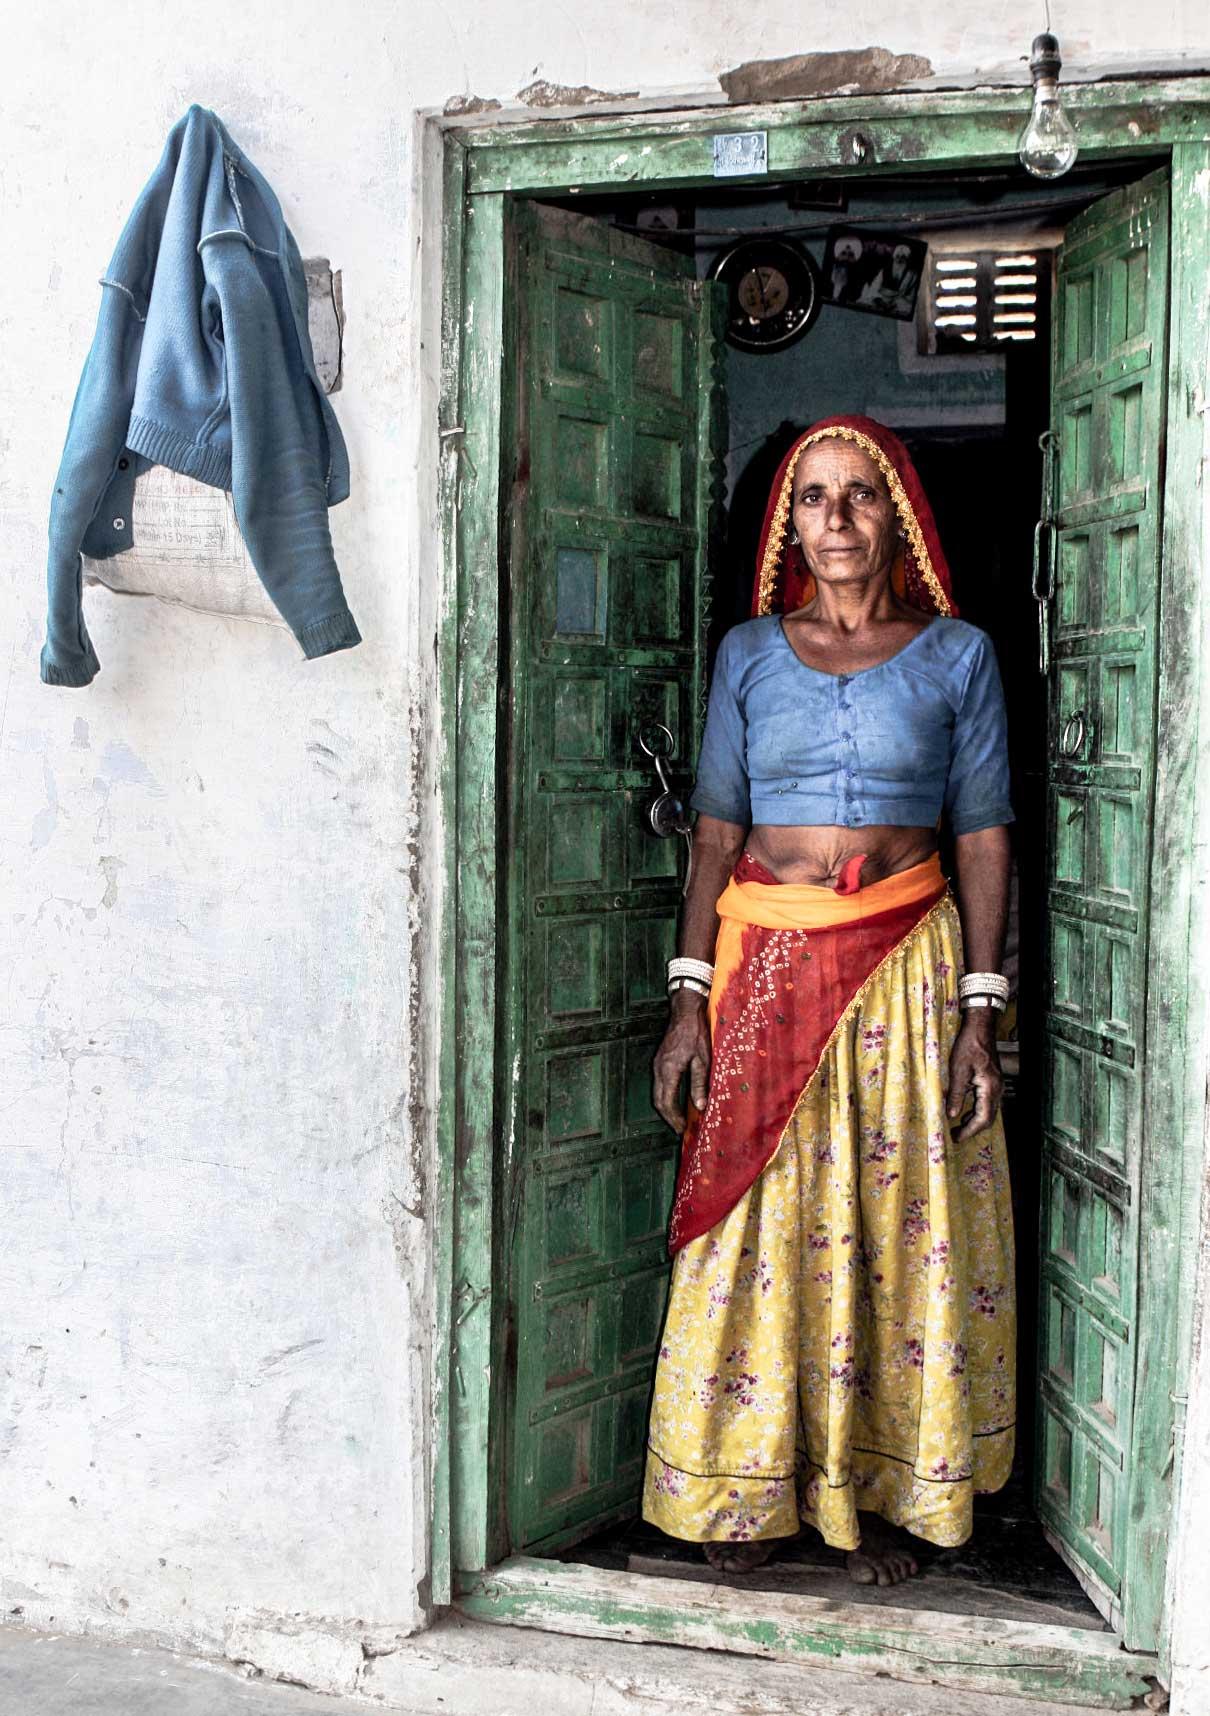 India-Puskar-248-Editarrrr